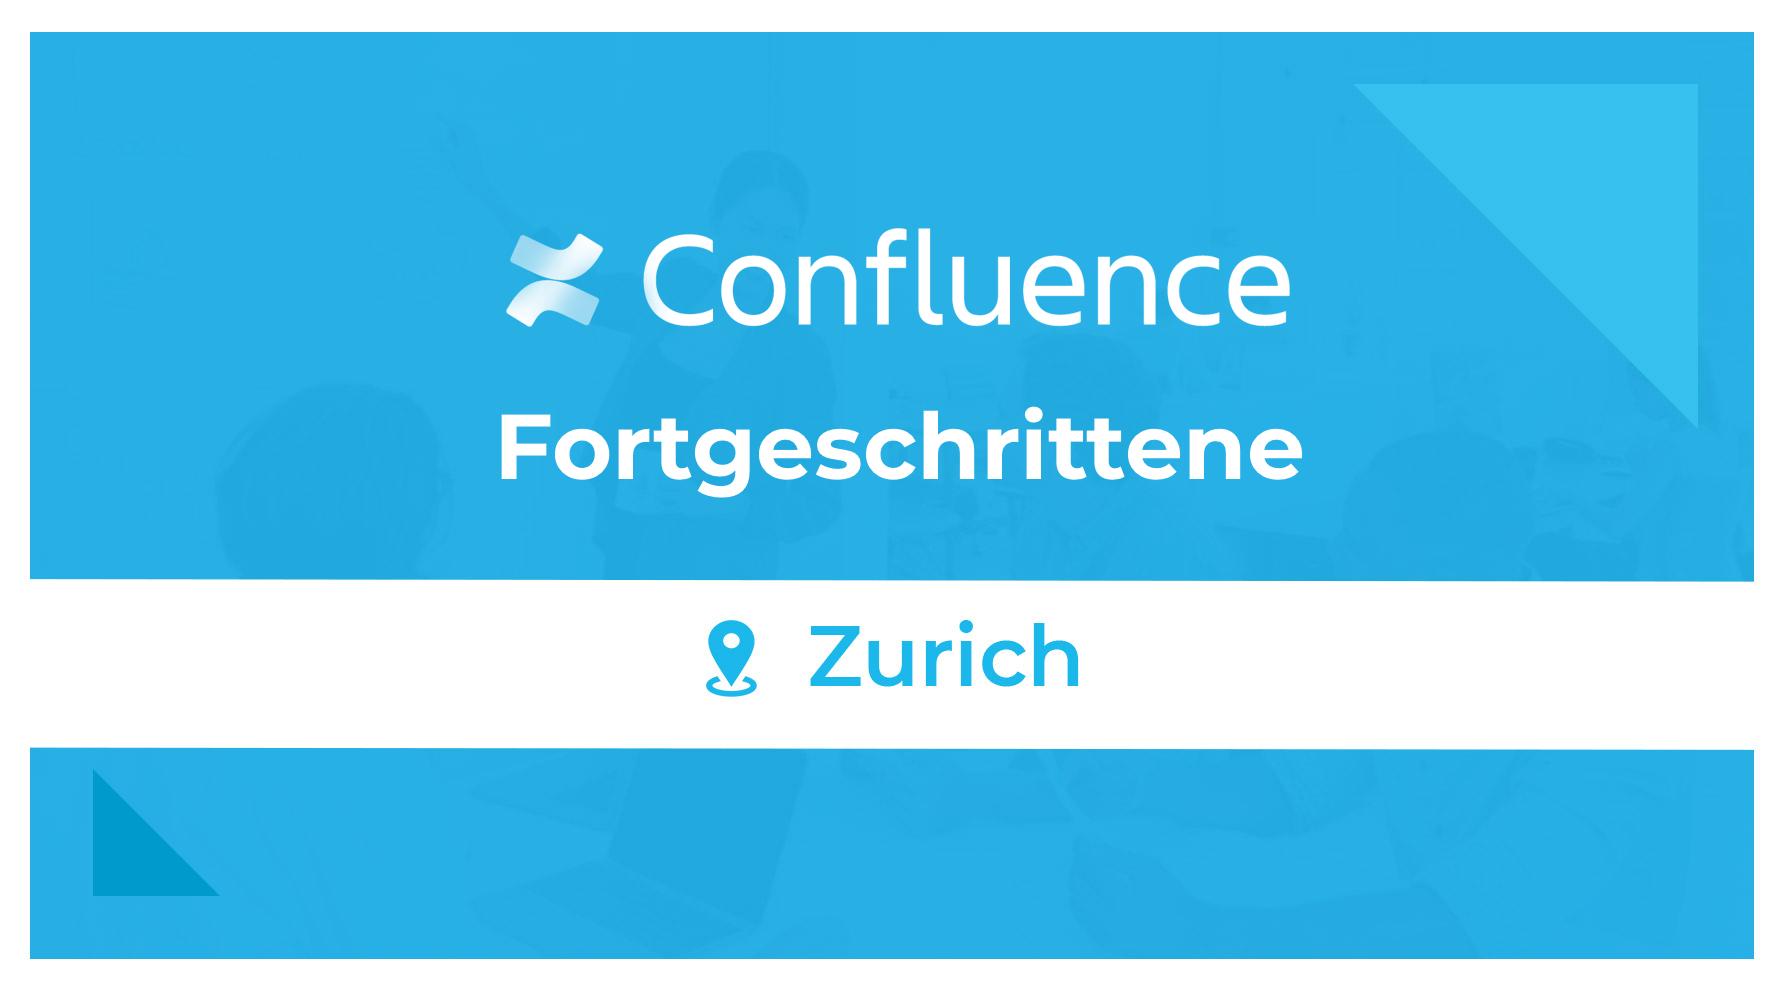 Confluence-Schulung für Fortgeschrittene-Zurich